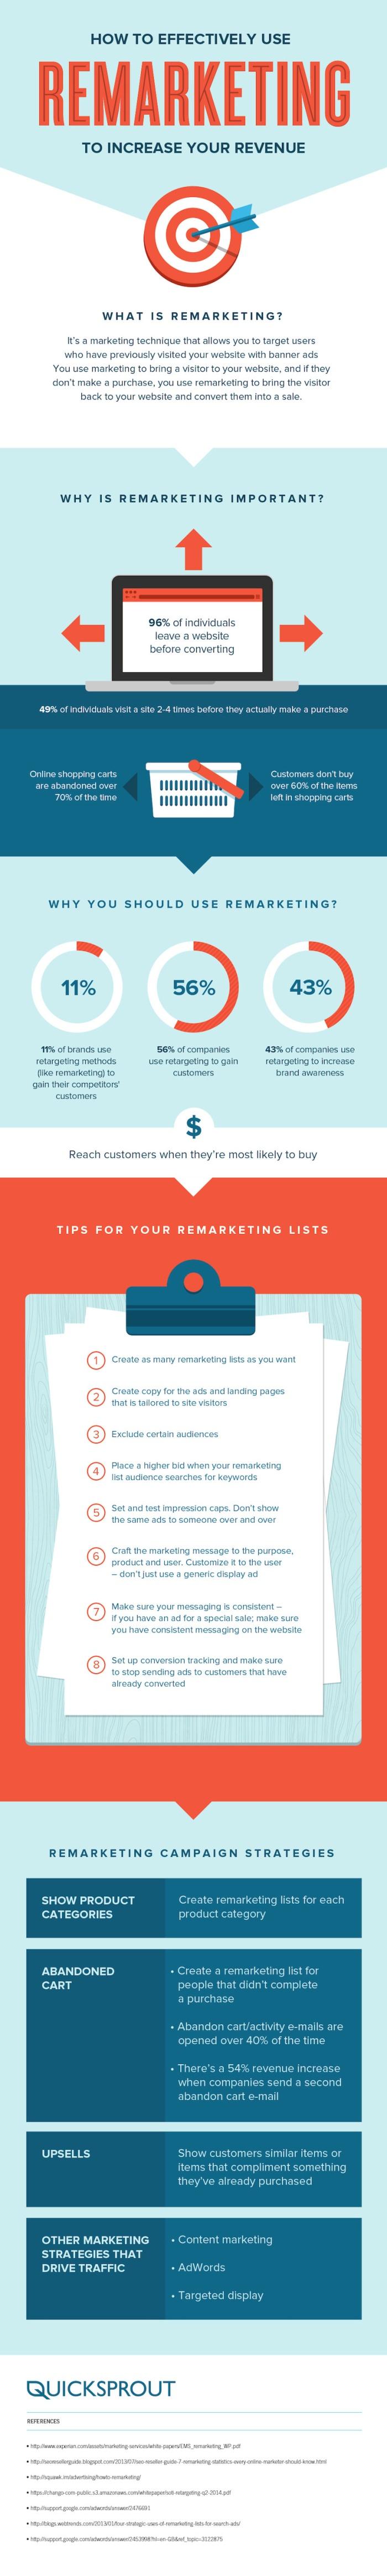 Tips dan Strategi Remarketing (copyright by Quicksprout). Klik untuk gambar lebih besar